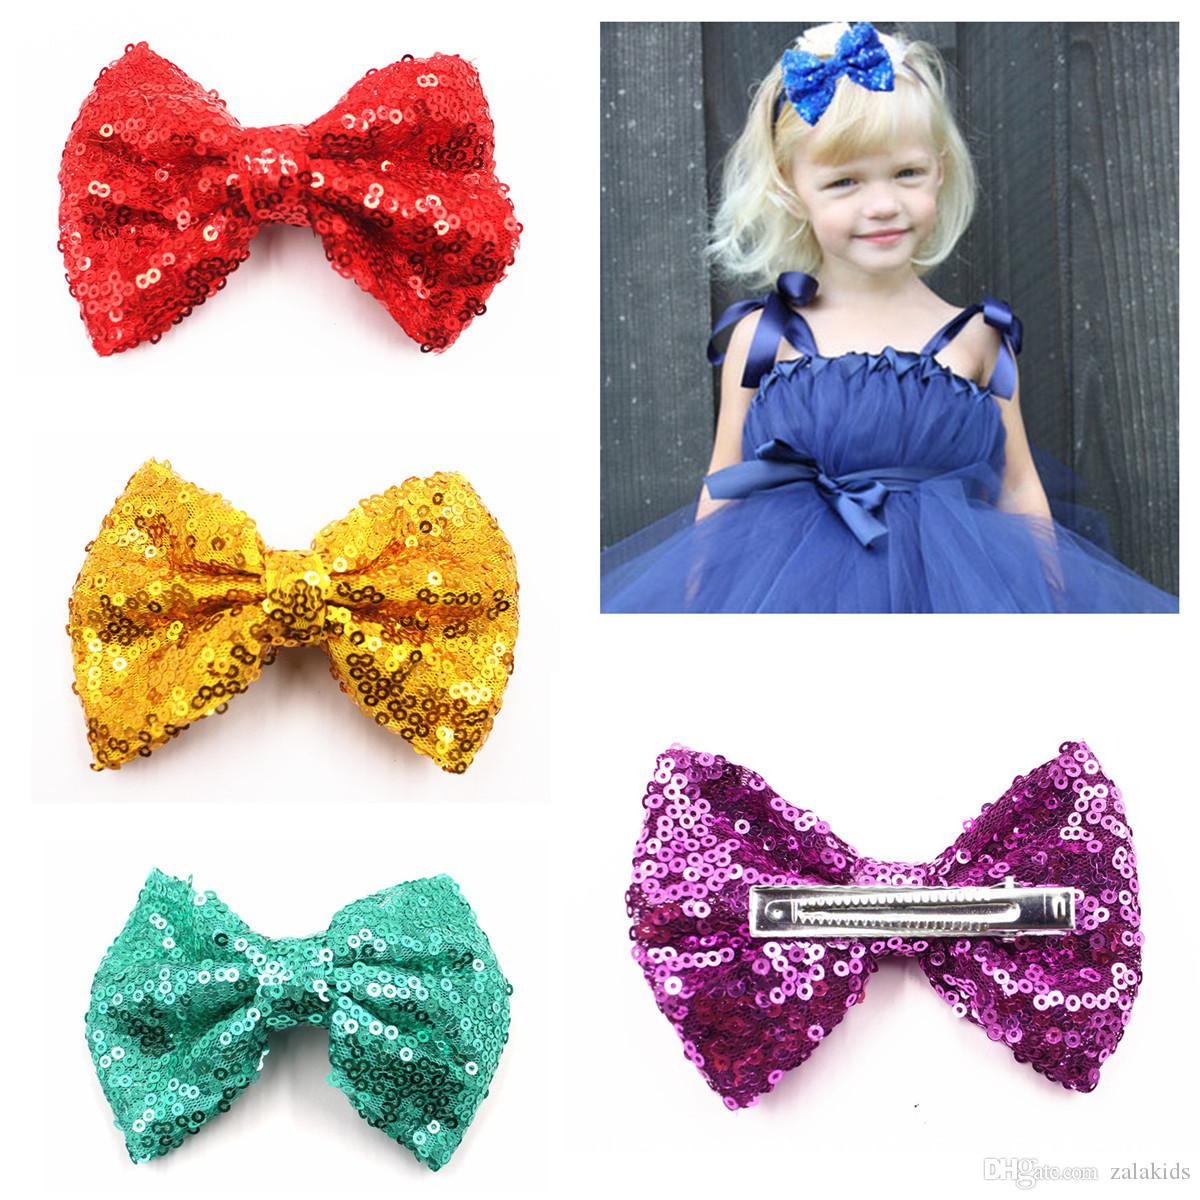 Klip Çocuk ile 4 inç çocuk pullar HairBow, Bebek Kız Saç Yaylar Saç Aksesuarları saç tokası 15color saç tokası